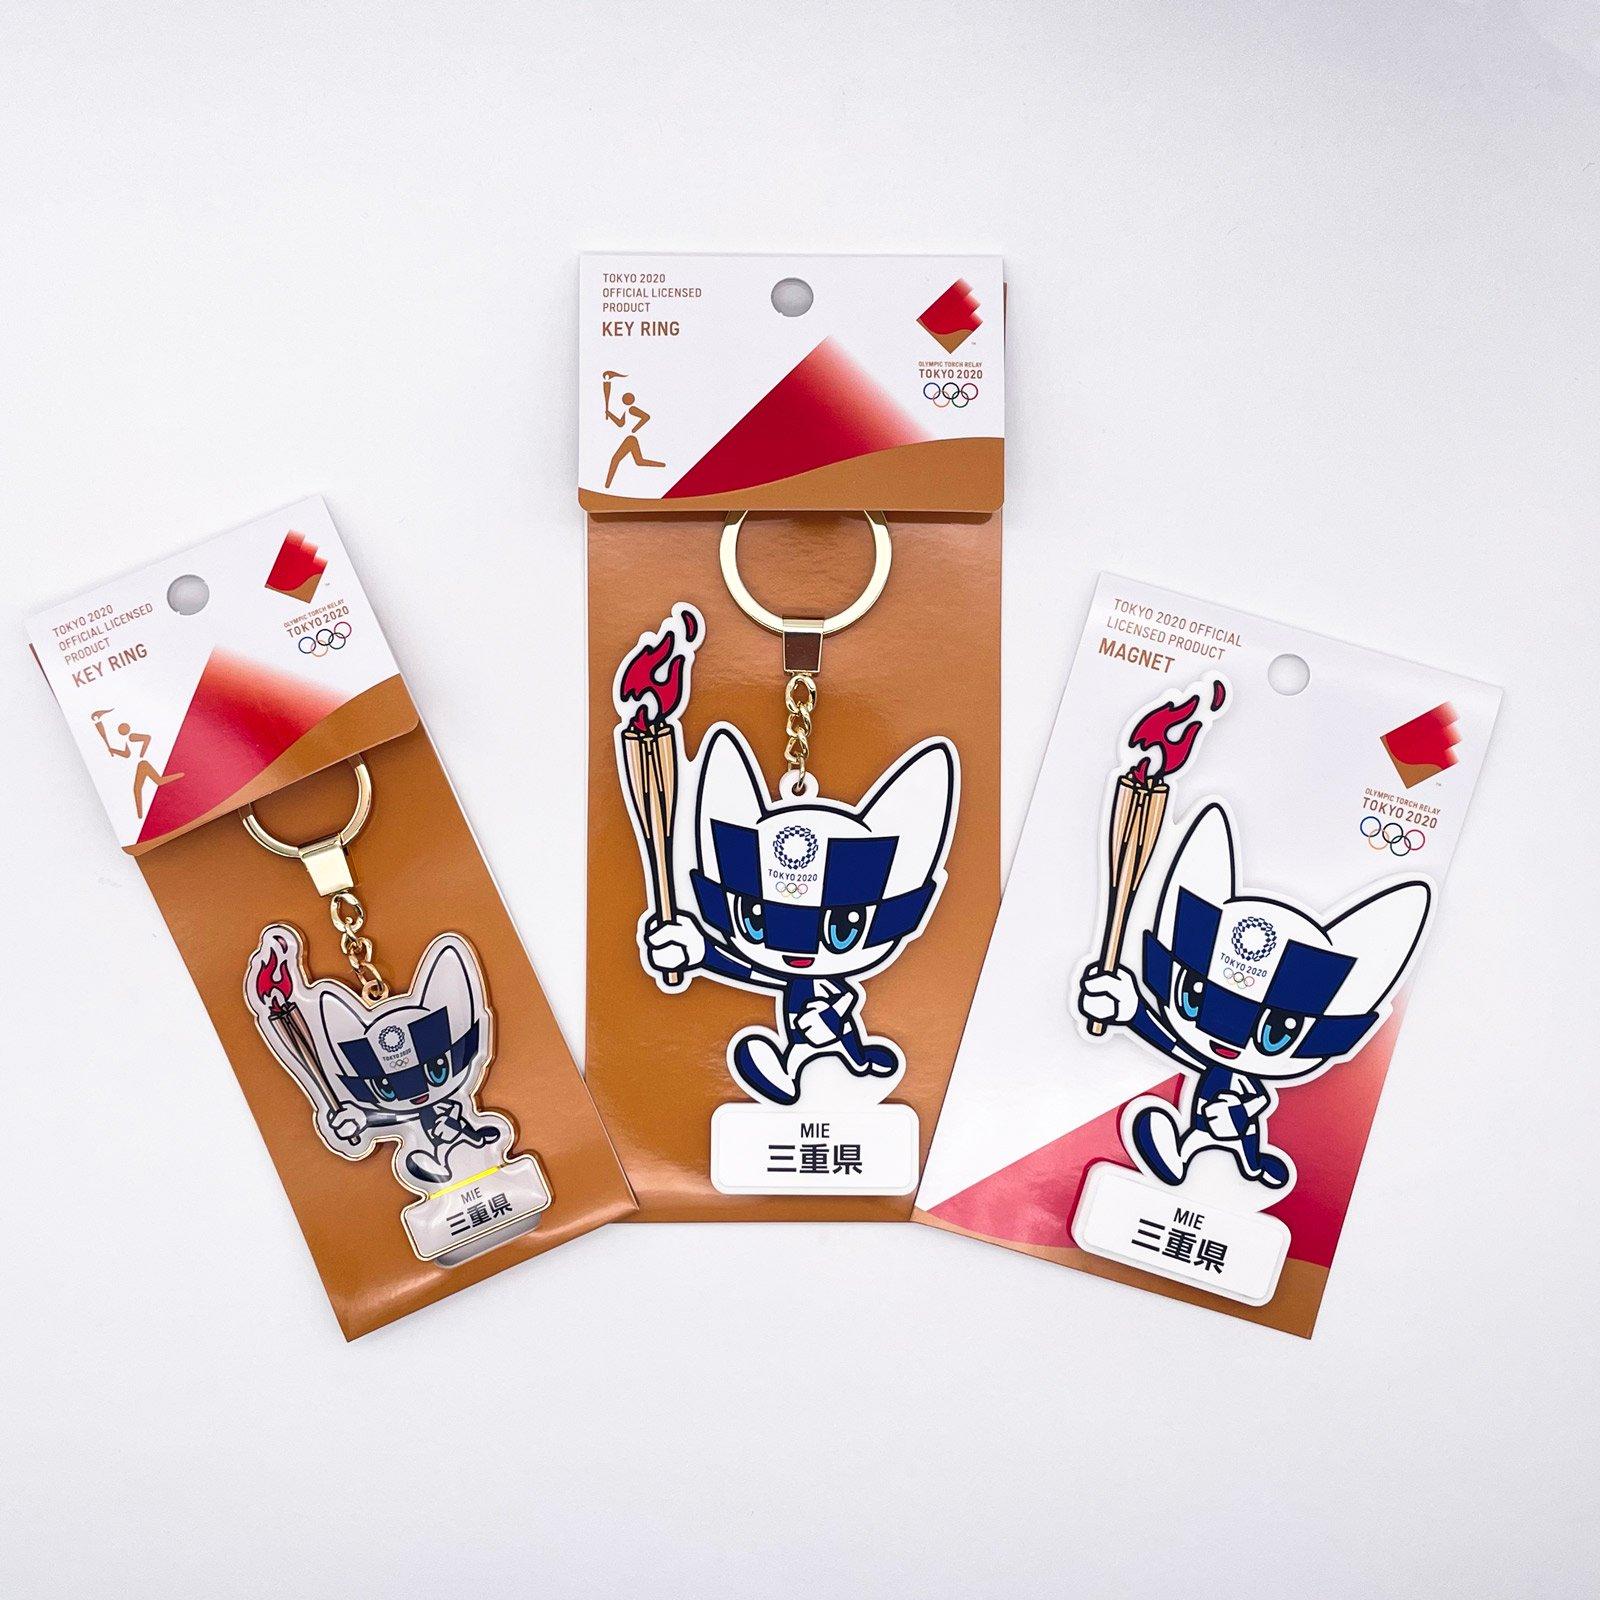 【セール価格】【お得なセット】東京2020オリンピック聖火リレーマスコット商品:三重県セット